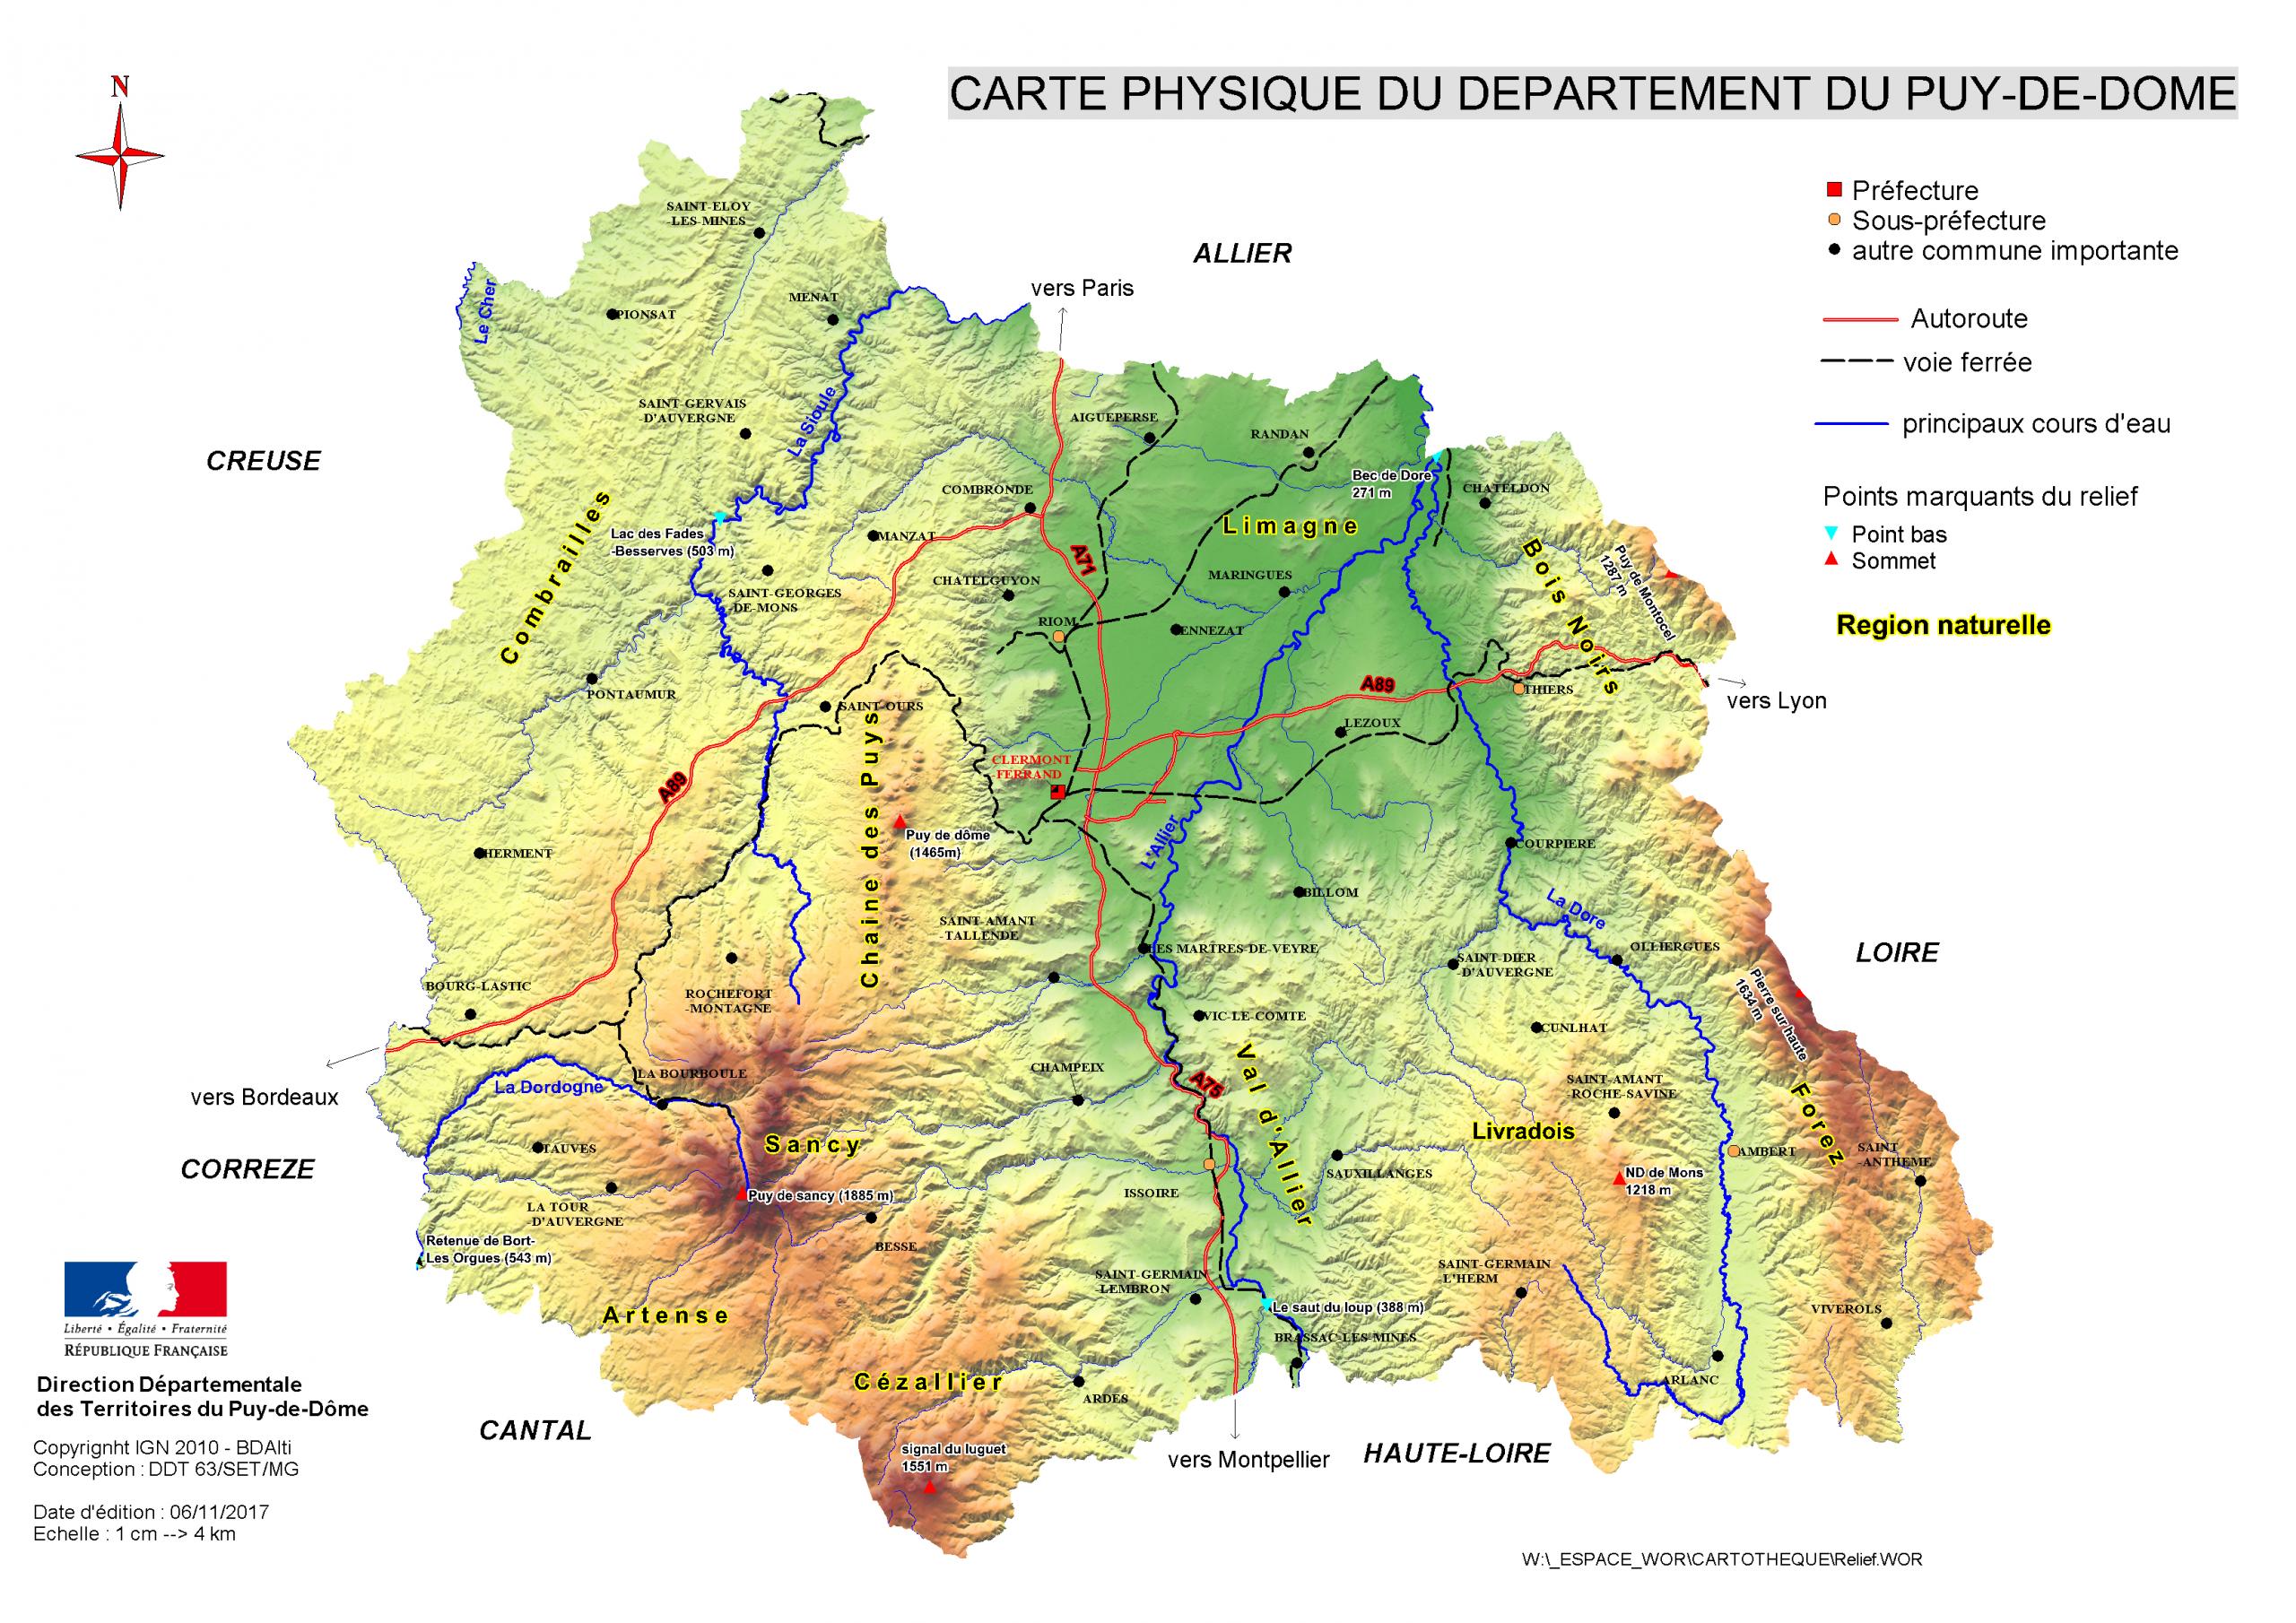 Carte Physique Du Département Du Puy-De-Dôme - Internet Des avec Carte De France Departement À Imprimer